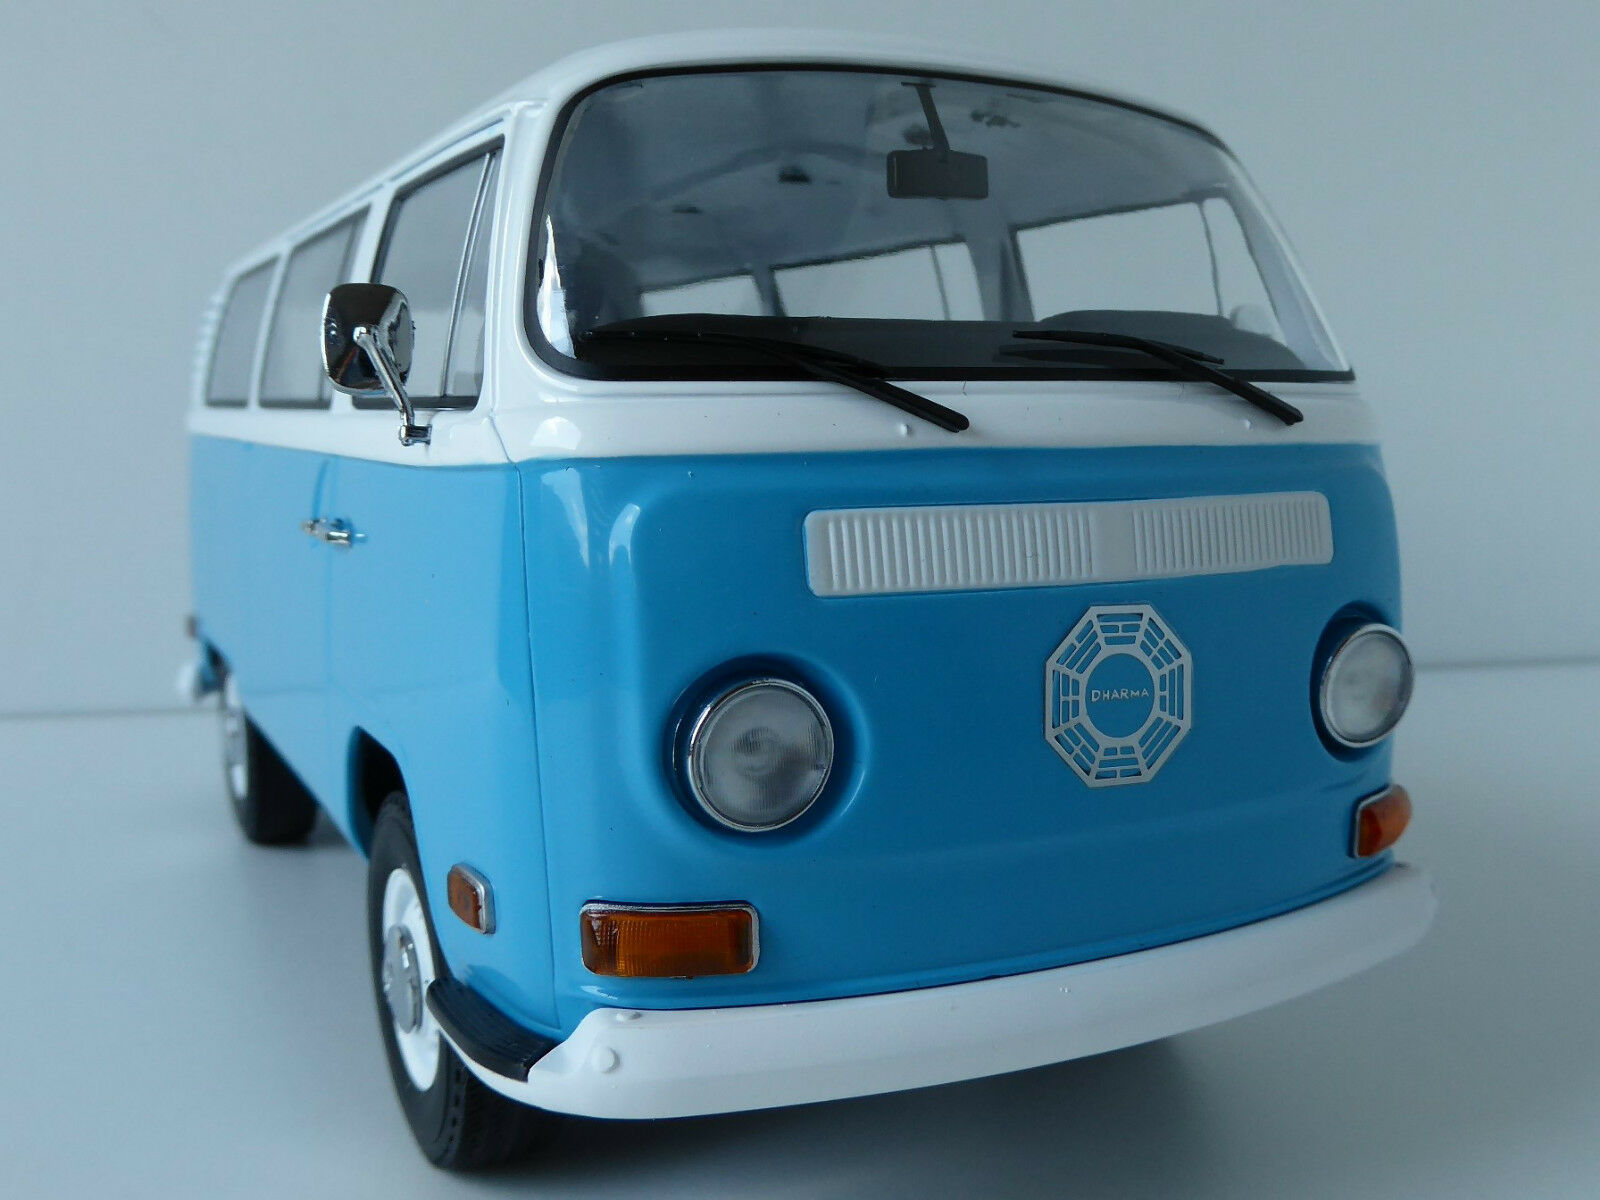 aquí tiene la última VW T2 Bus Lost Lost Lost Tv Series Dharma 1971 1 18 Artisan verdelight 19011  popular